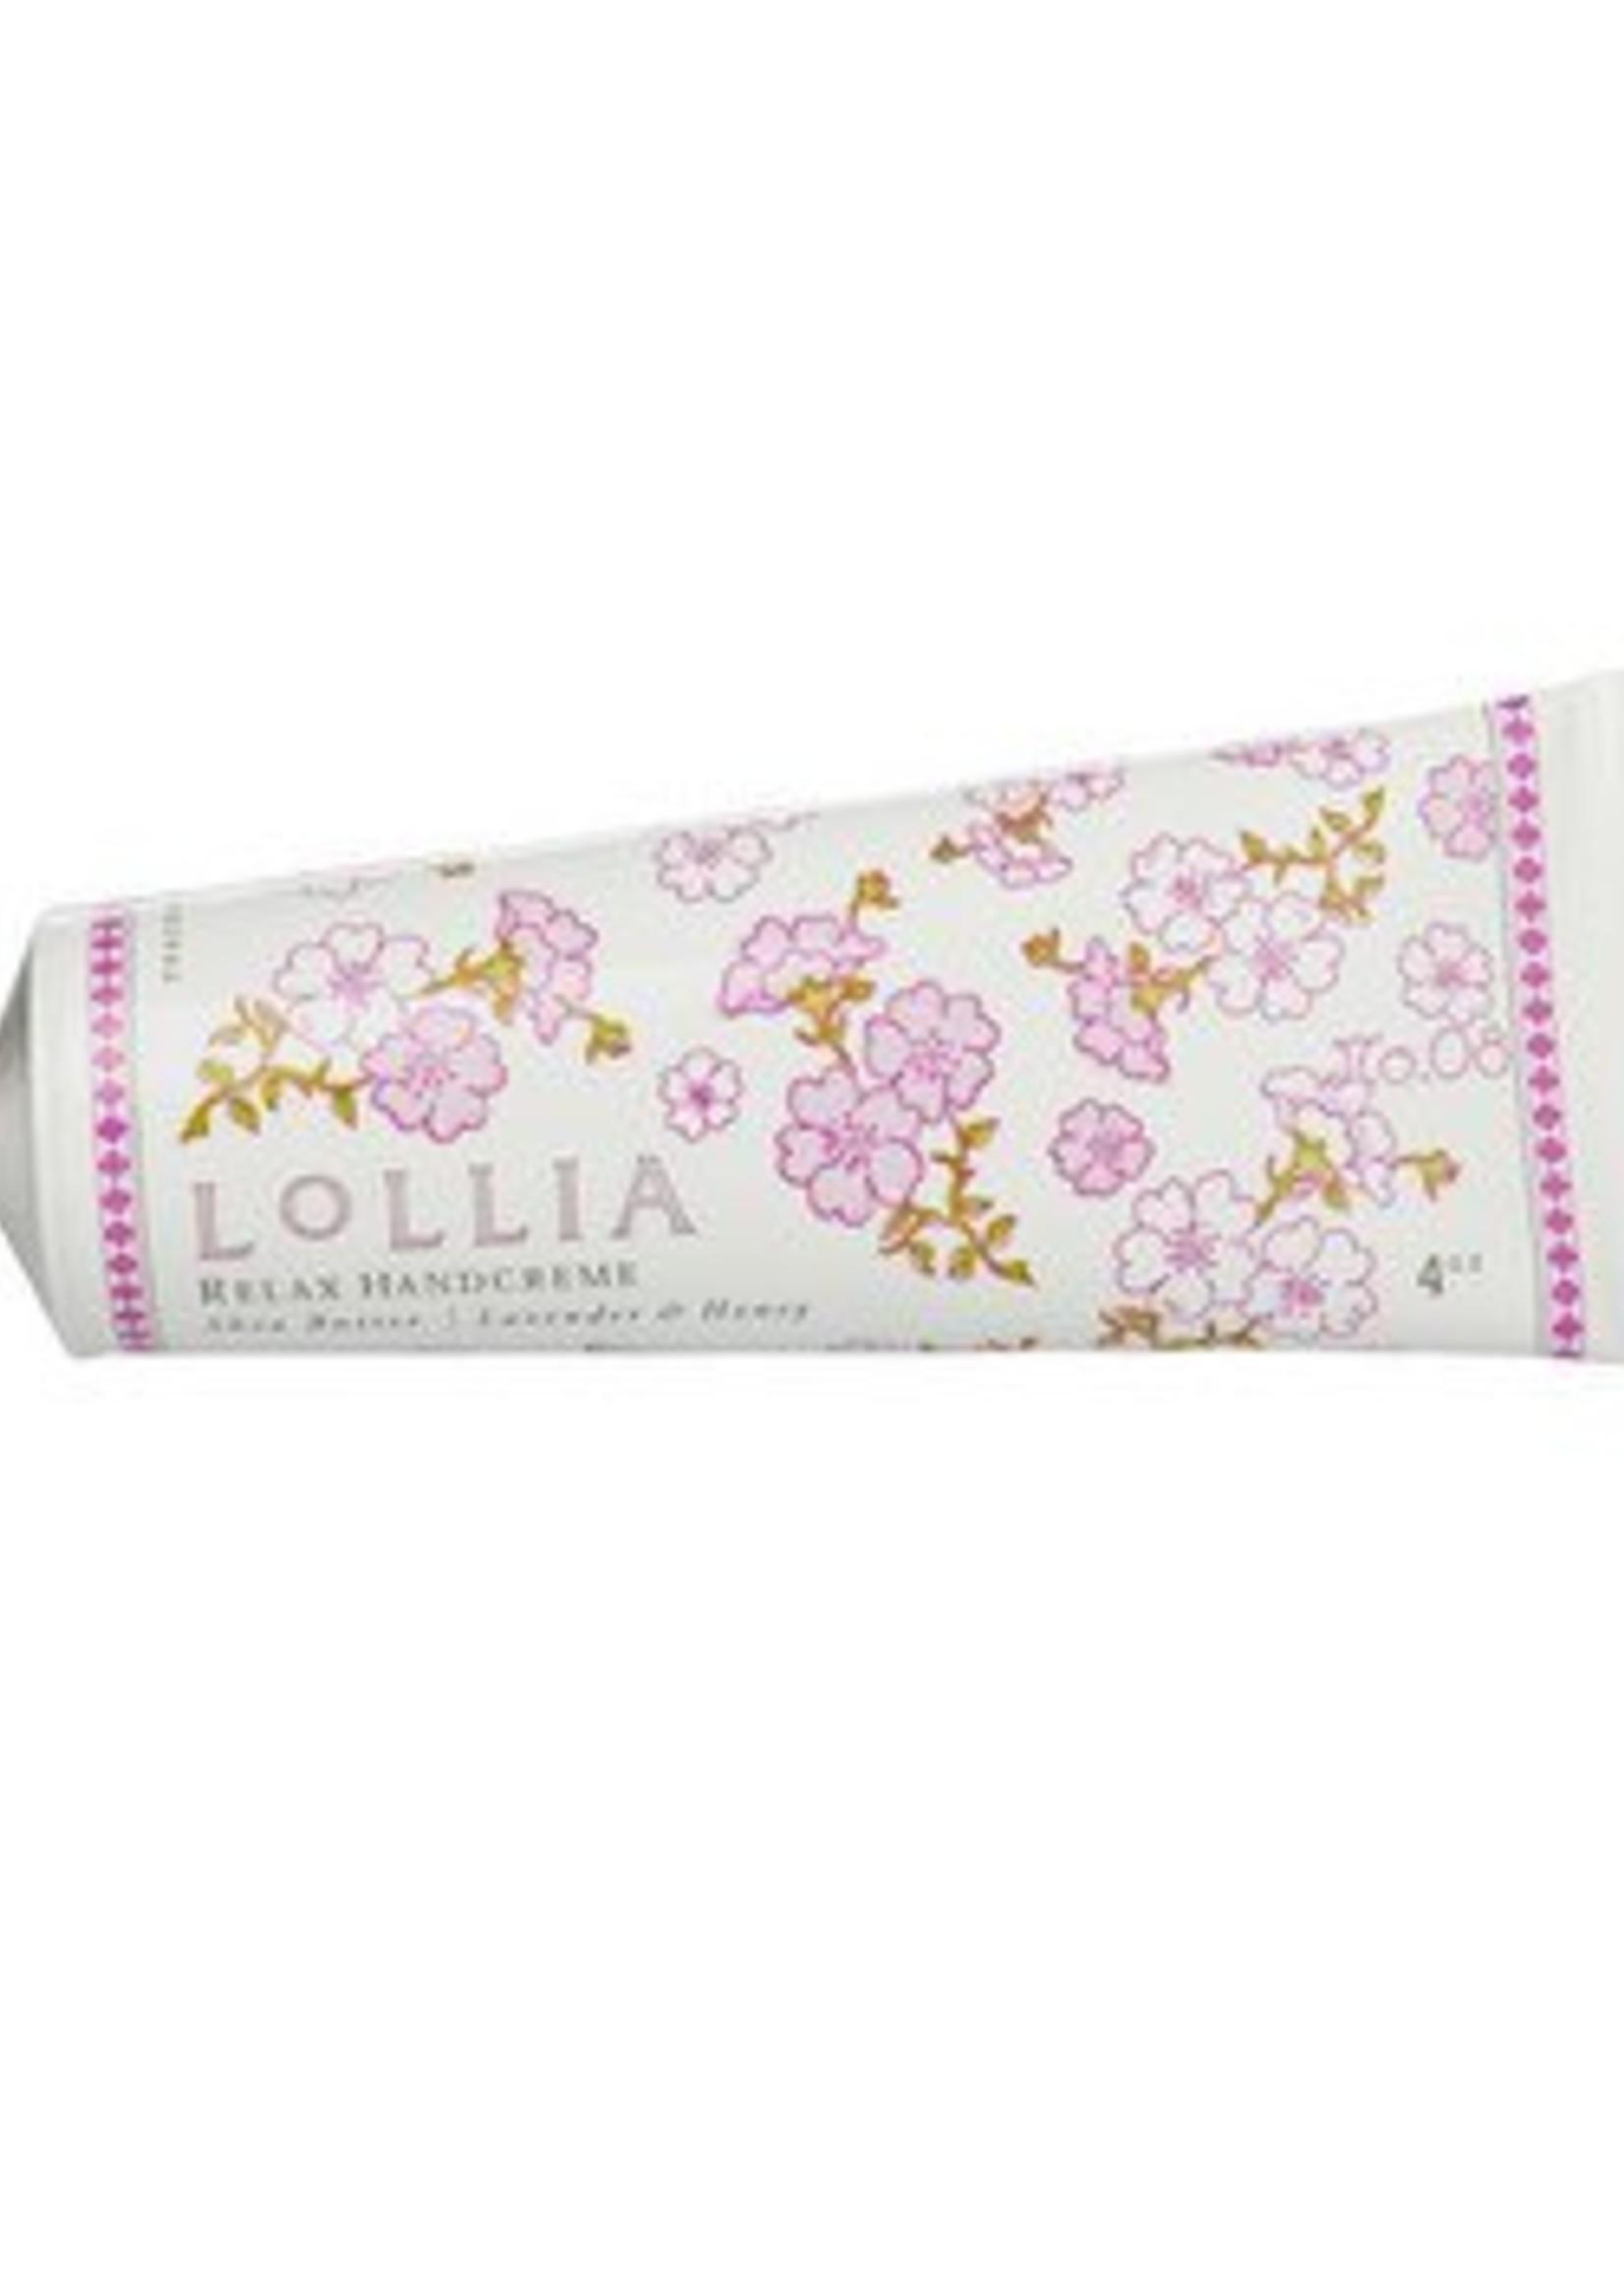 lollia relax handcreme